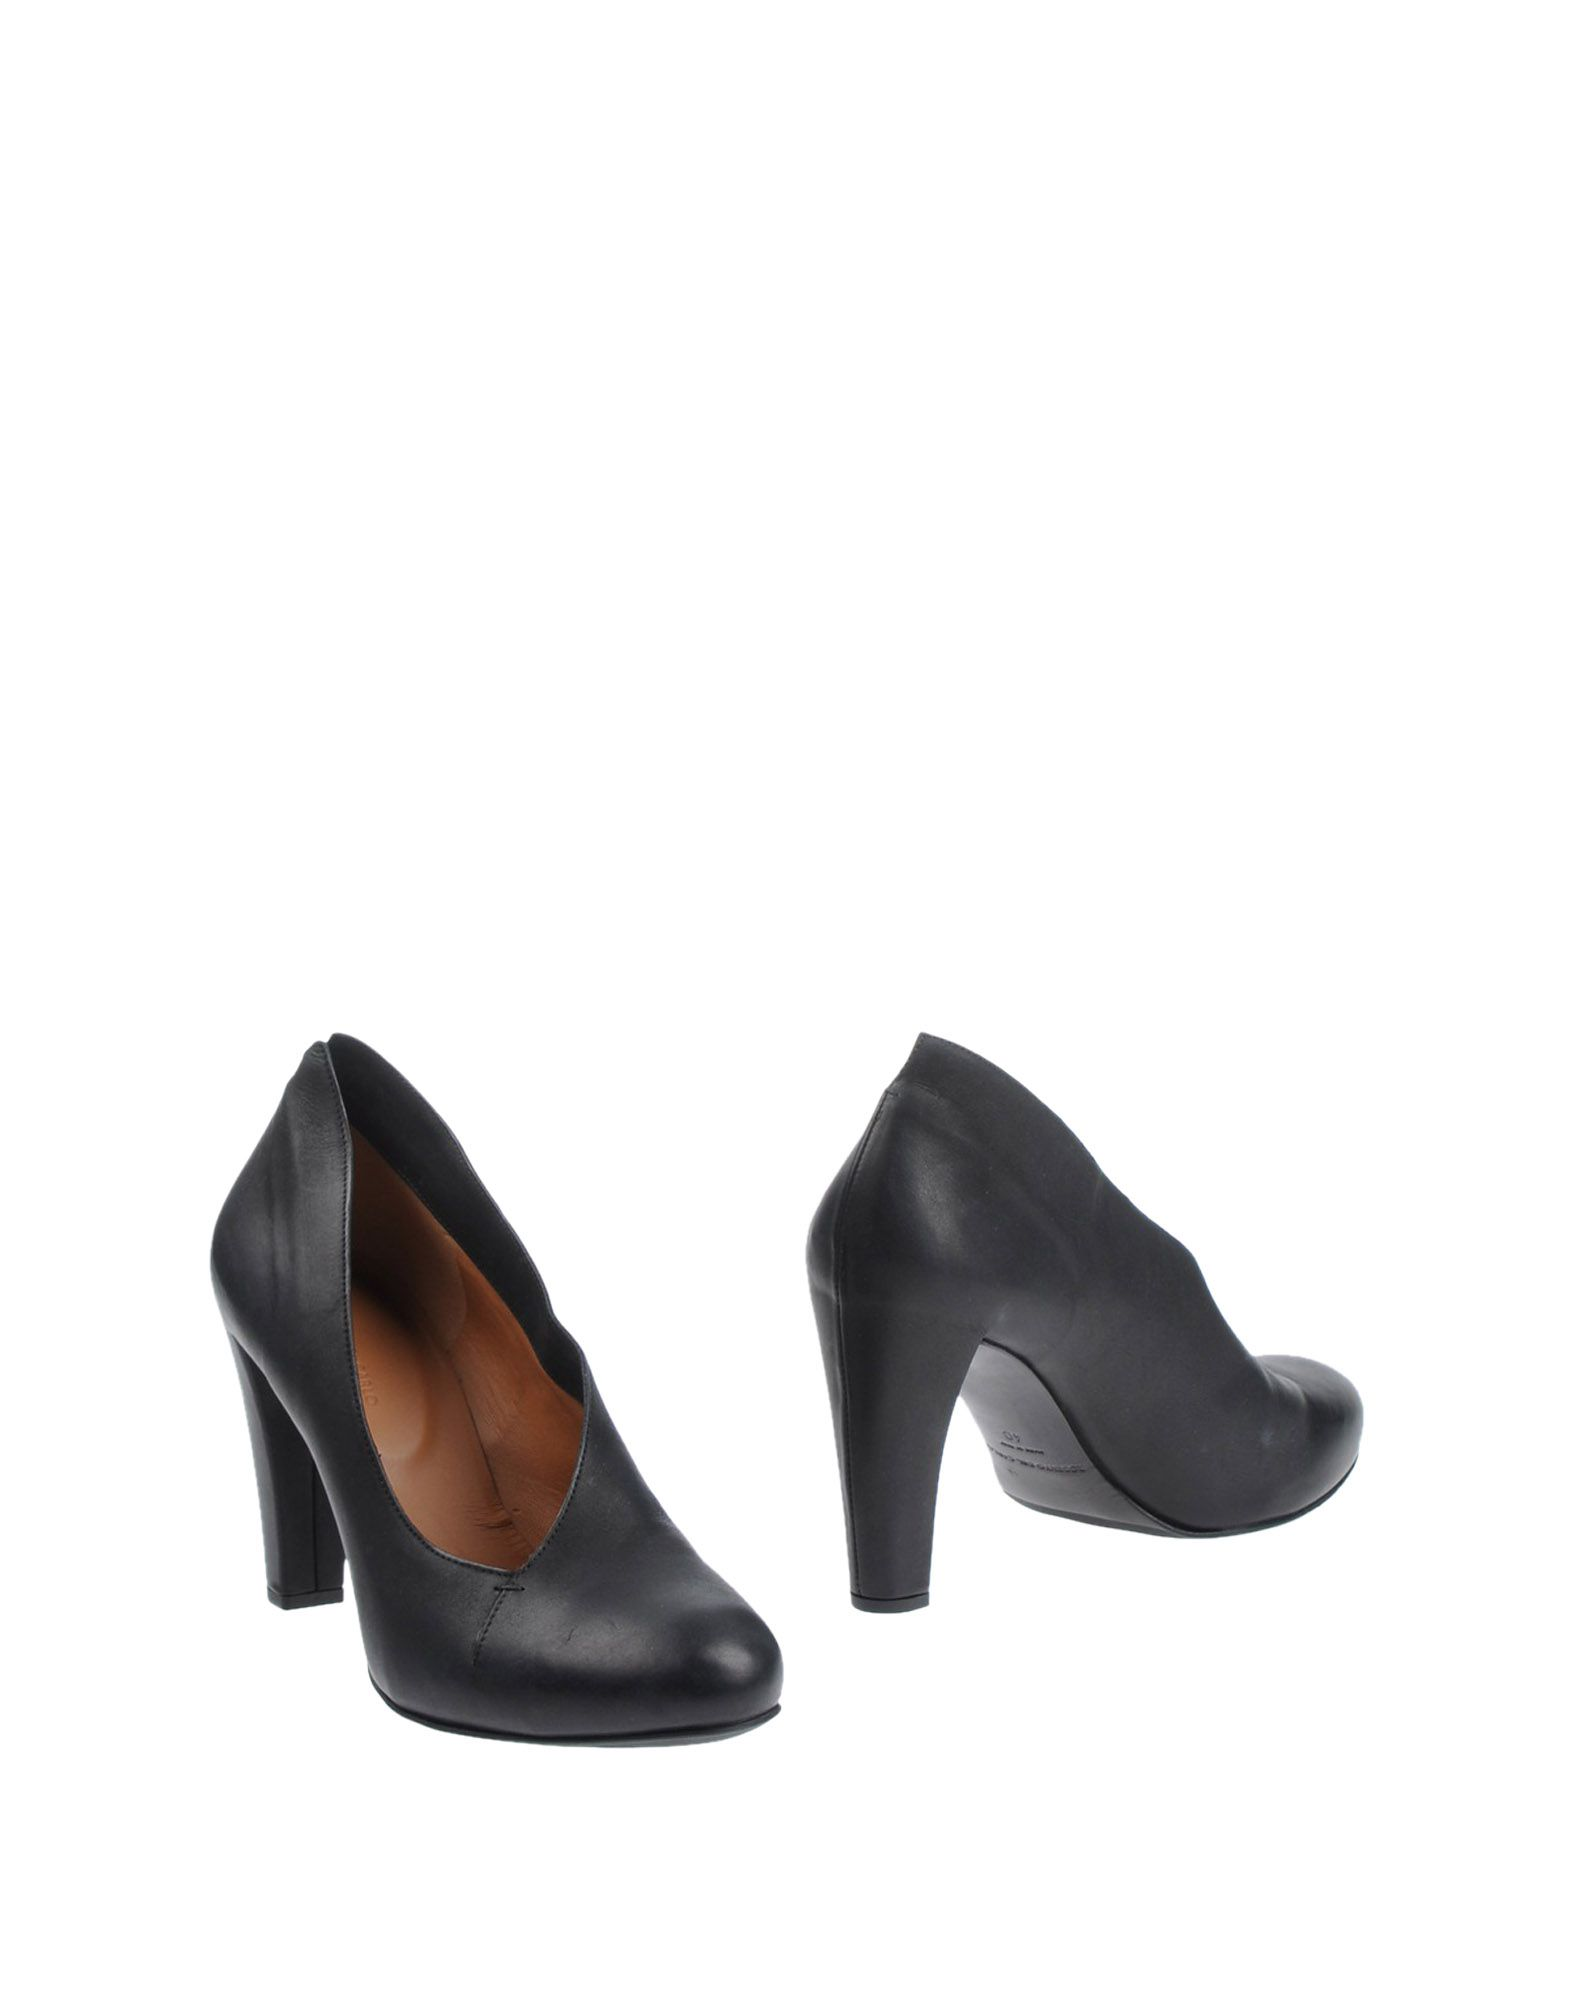 Roberto Del Carlo Stiefelette strapazierfähige Damen  11341129QBGut aussehende strapazierfähige Stiefelette Schuhe 9f8362